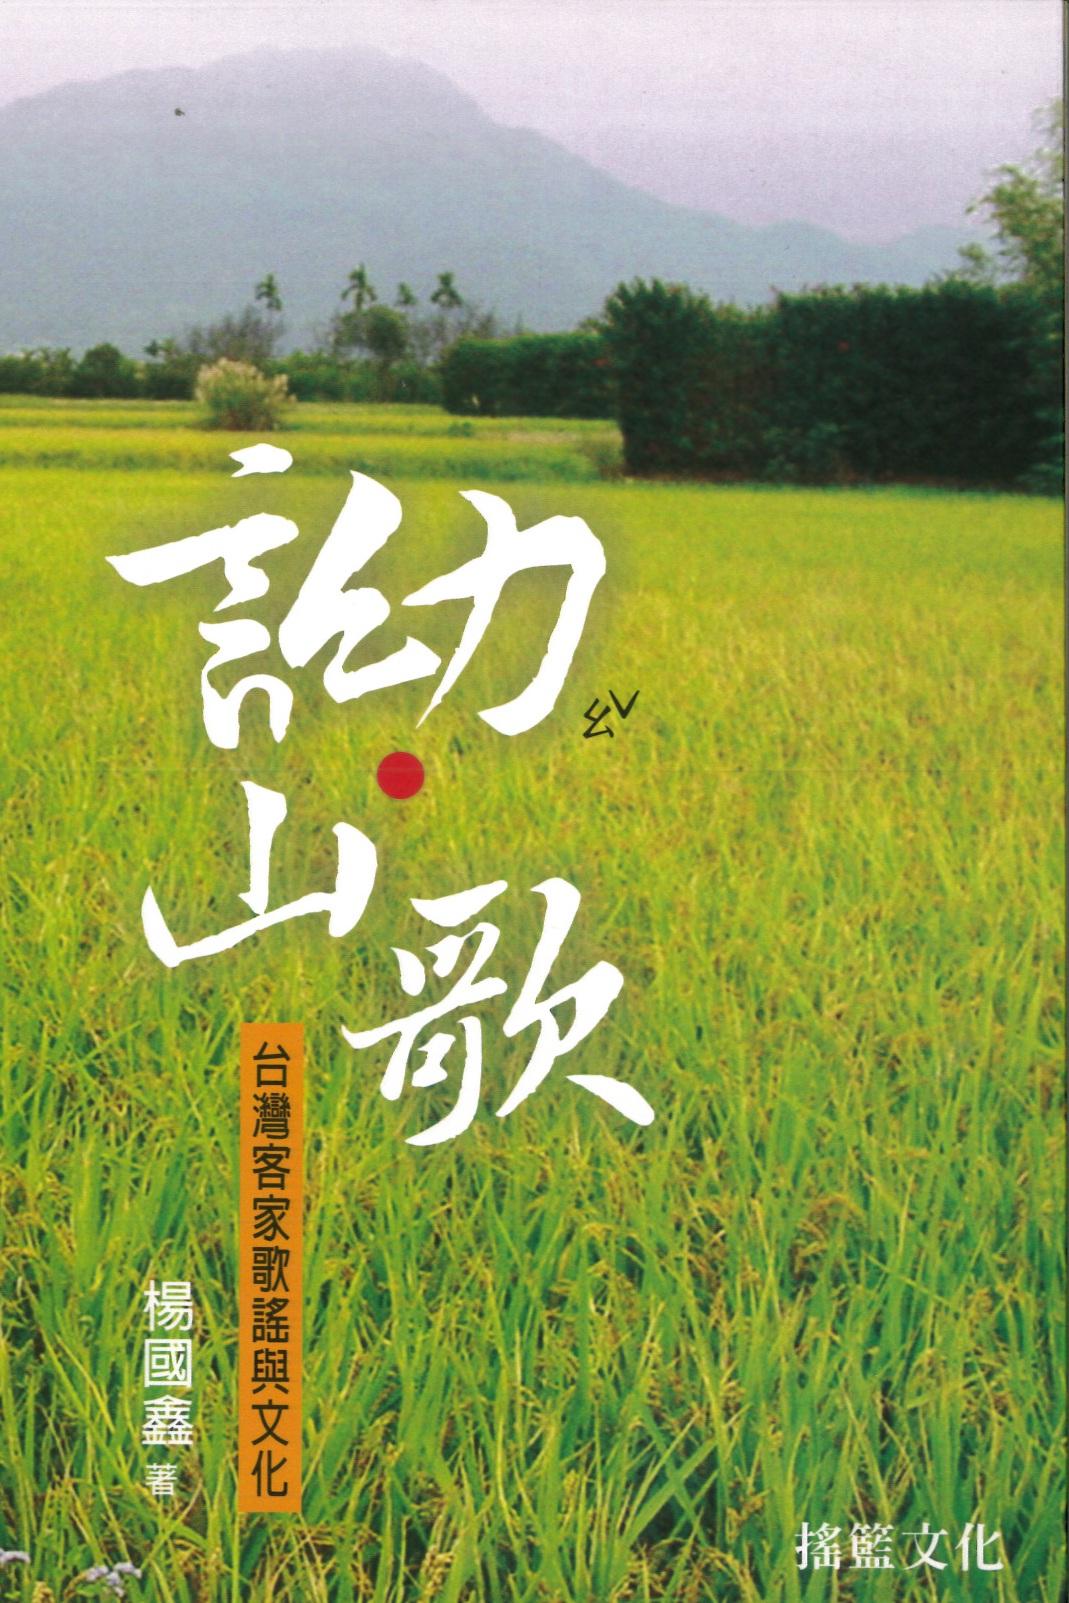 詏‧山歌:臺灣客家歌謠與文化